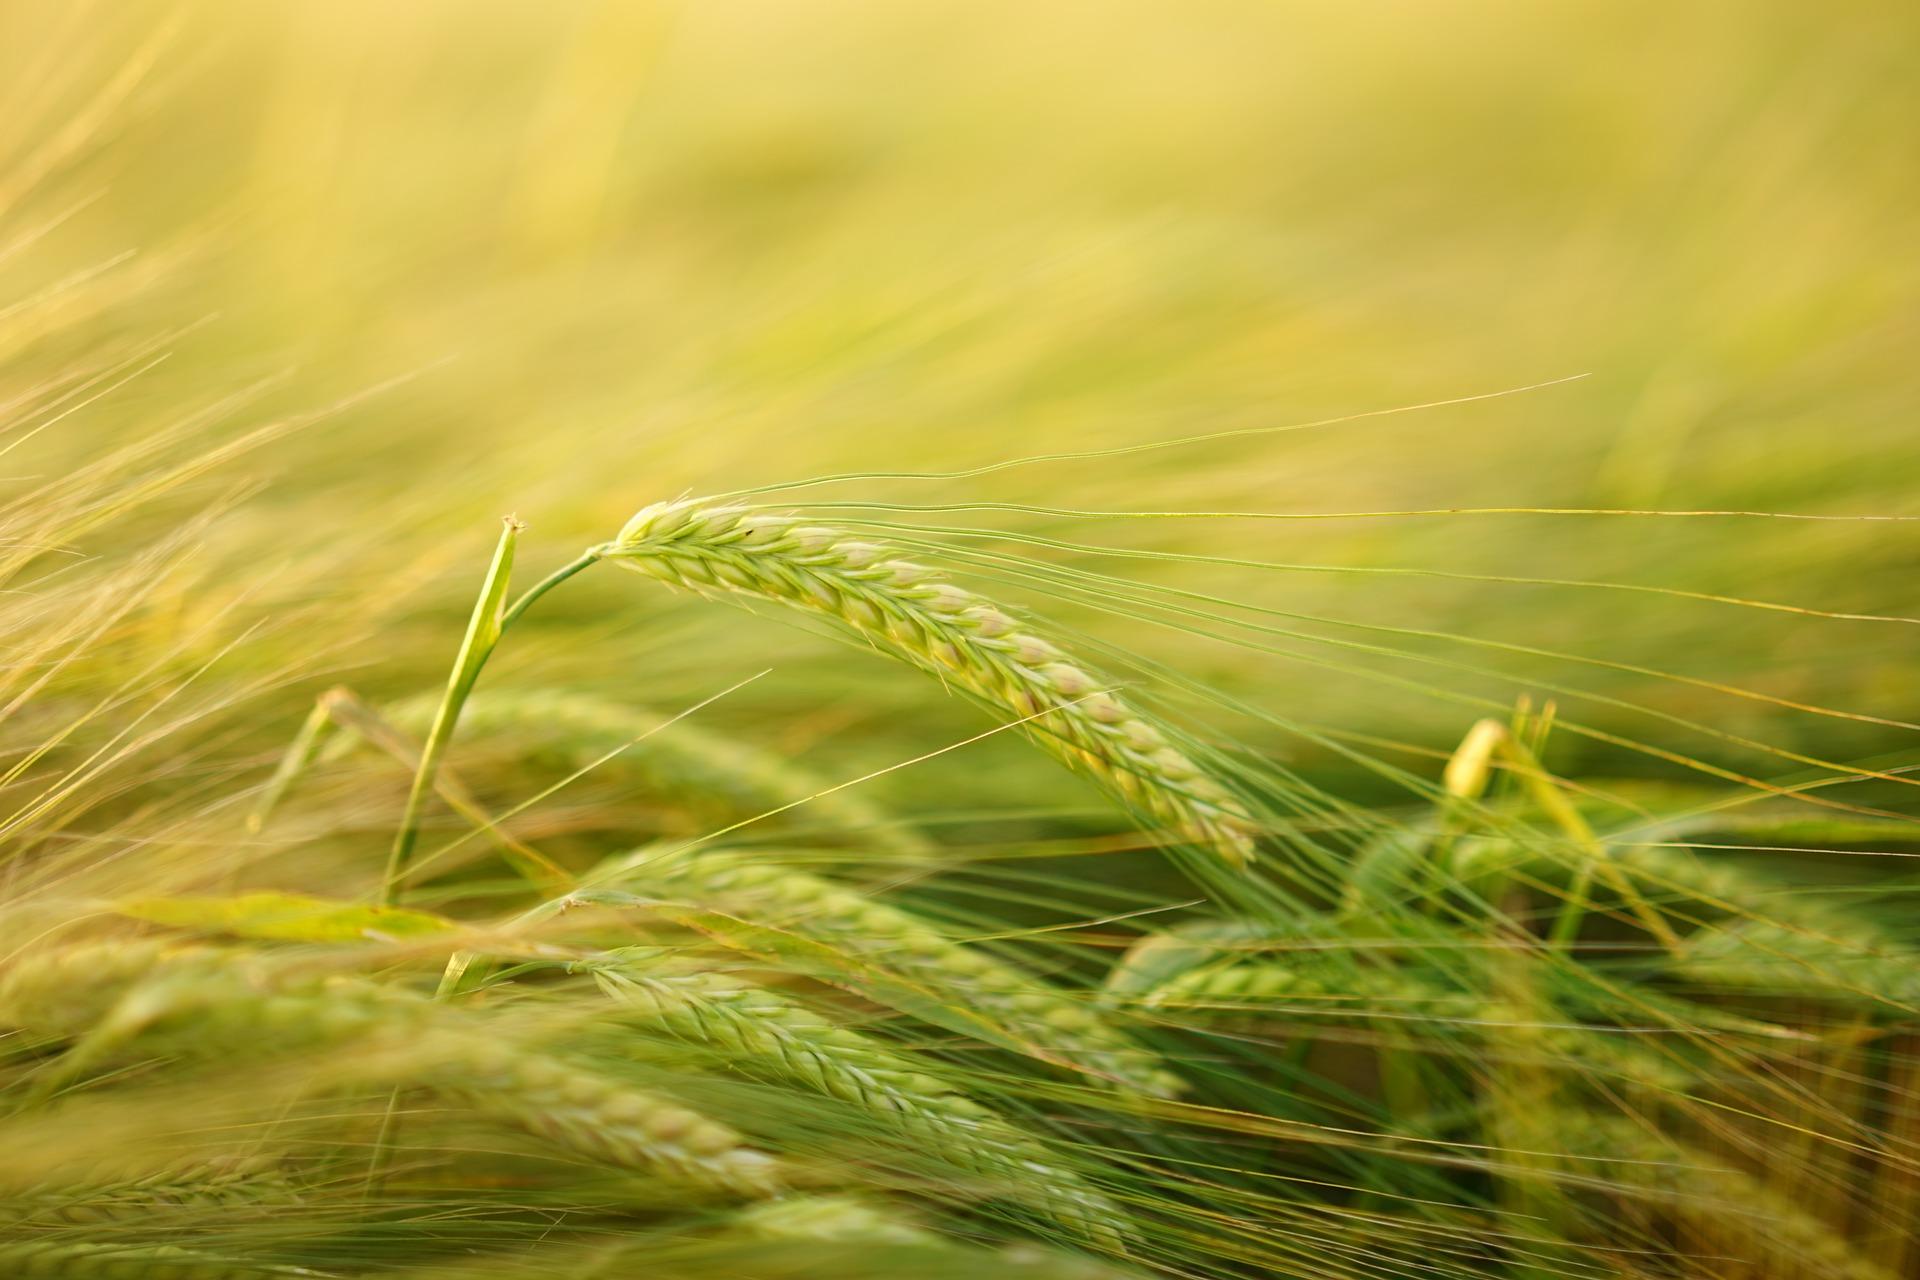 barley-2117454_1920.jpg